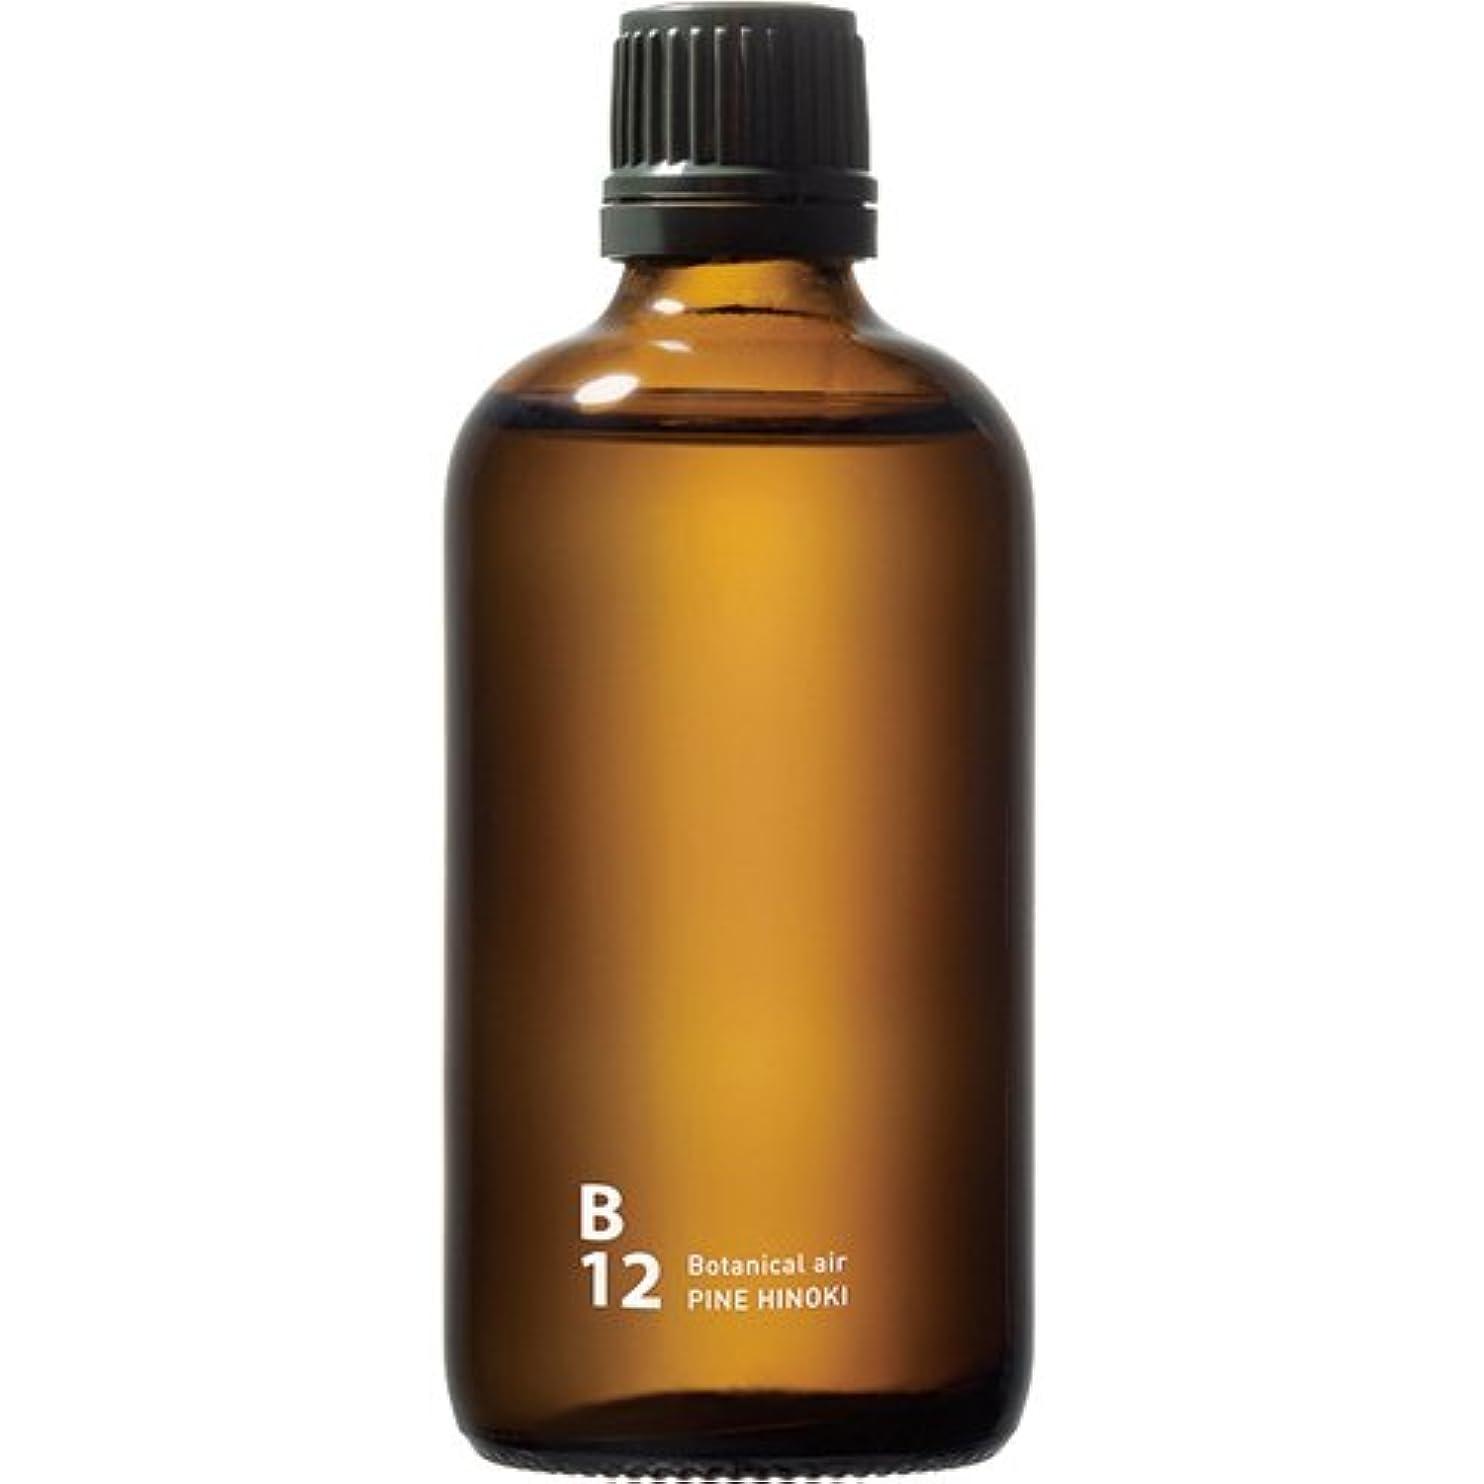 拡張行商人ほのめかすB12 PINE HINOKI piezo aroma oil 100ml